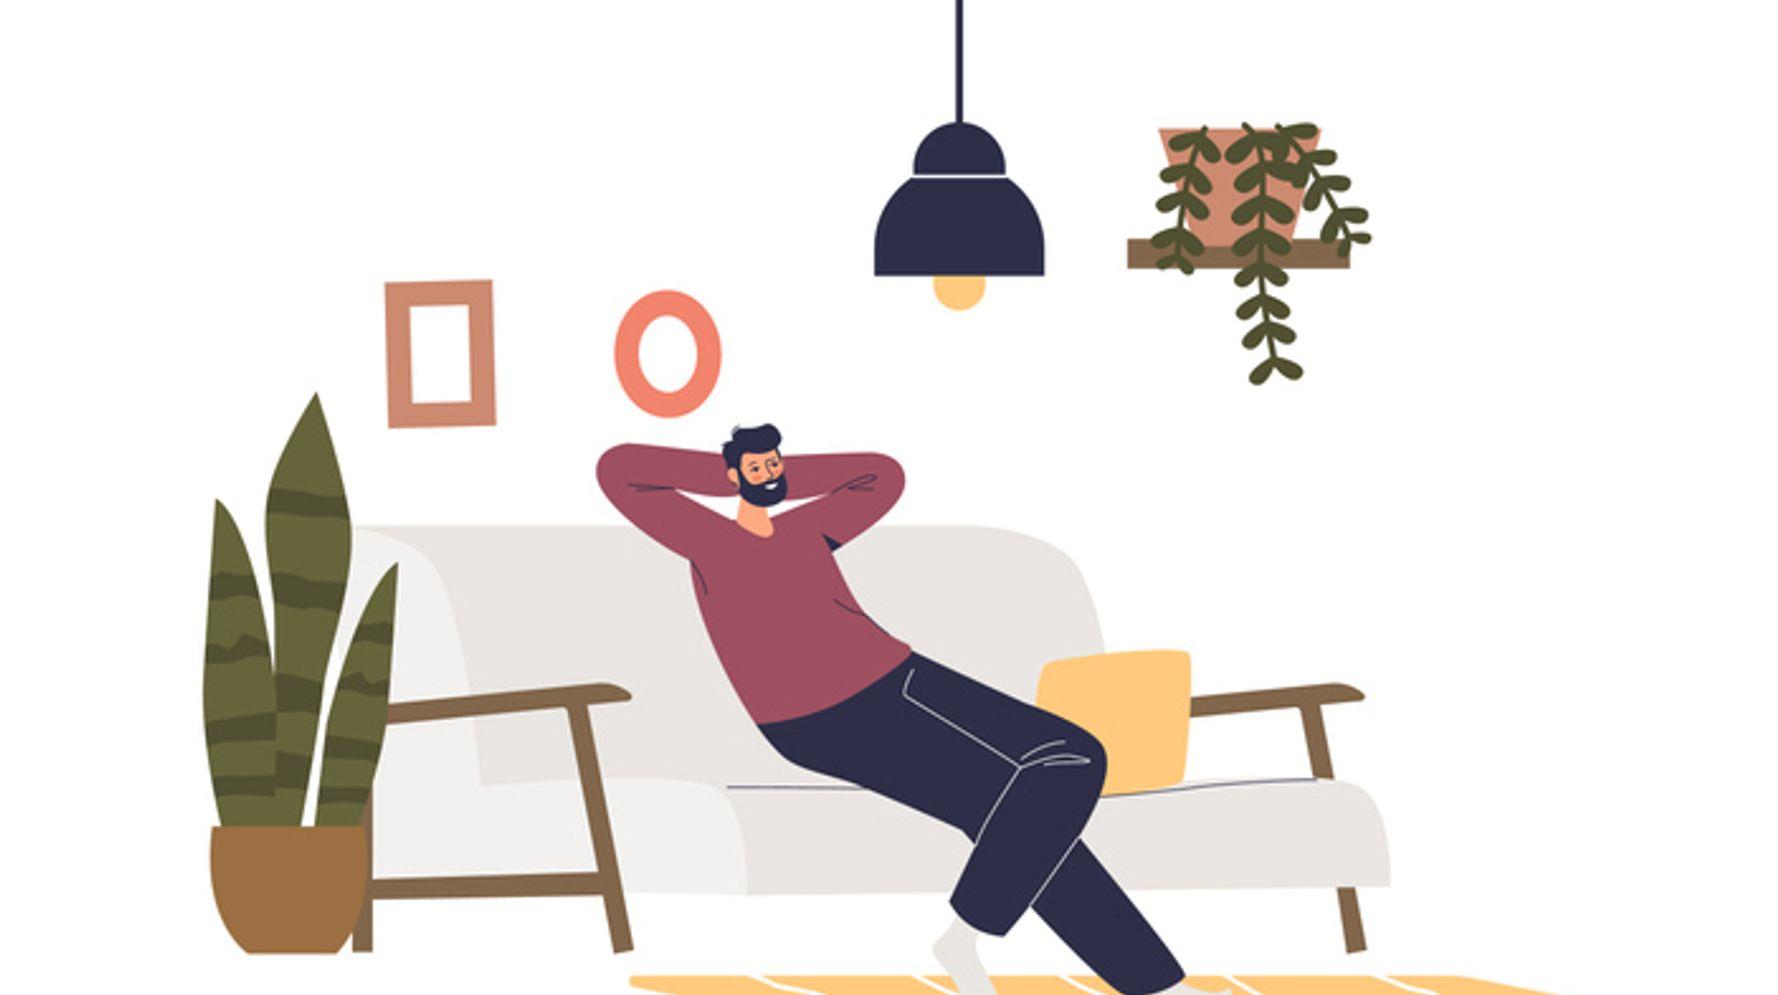 Le meilleur moyen de lutter contre le stress et l'anxiété? Ne rien faire - BLOG - Le HuffPost